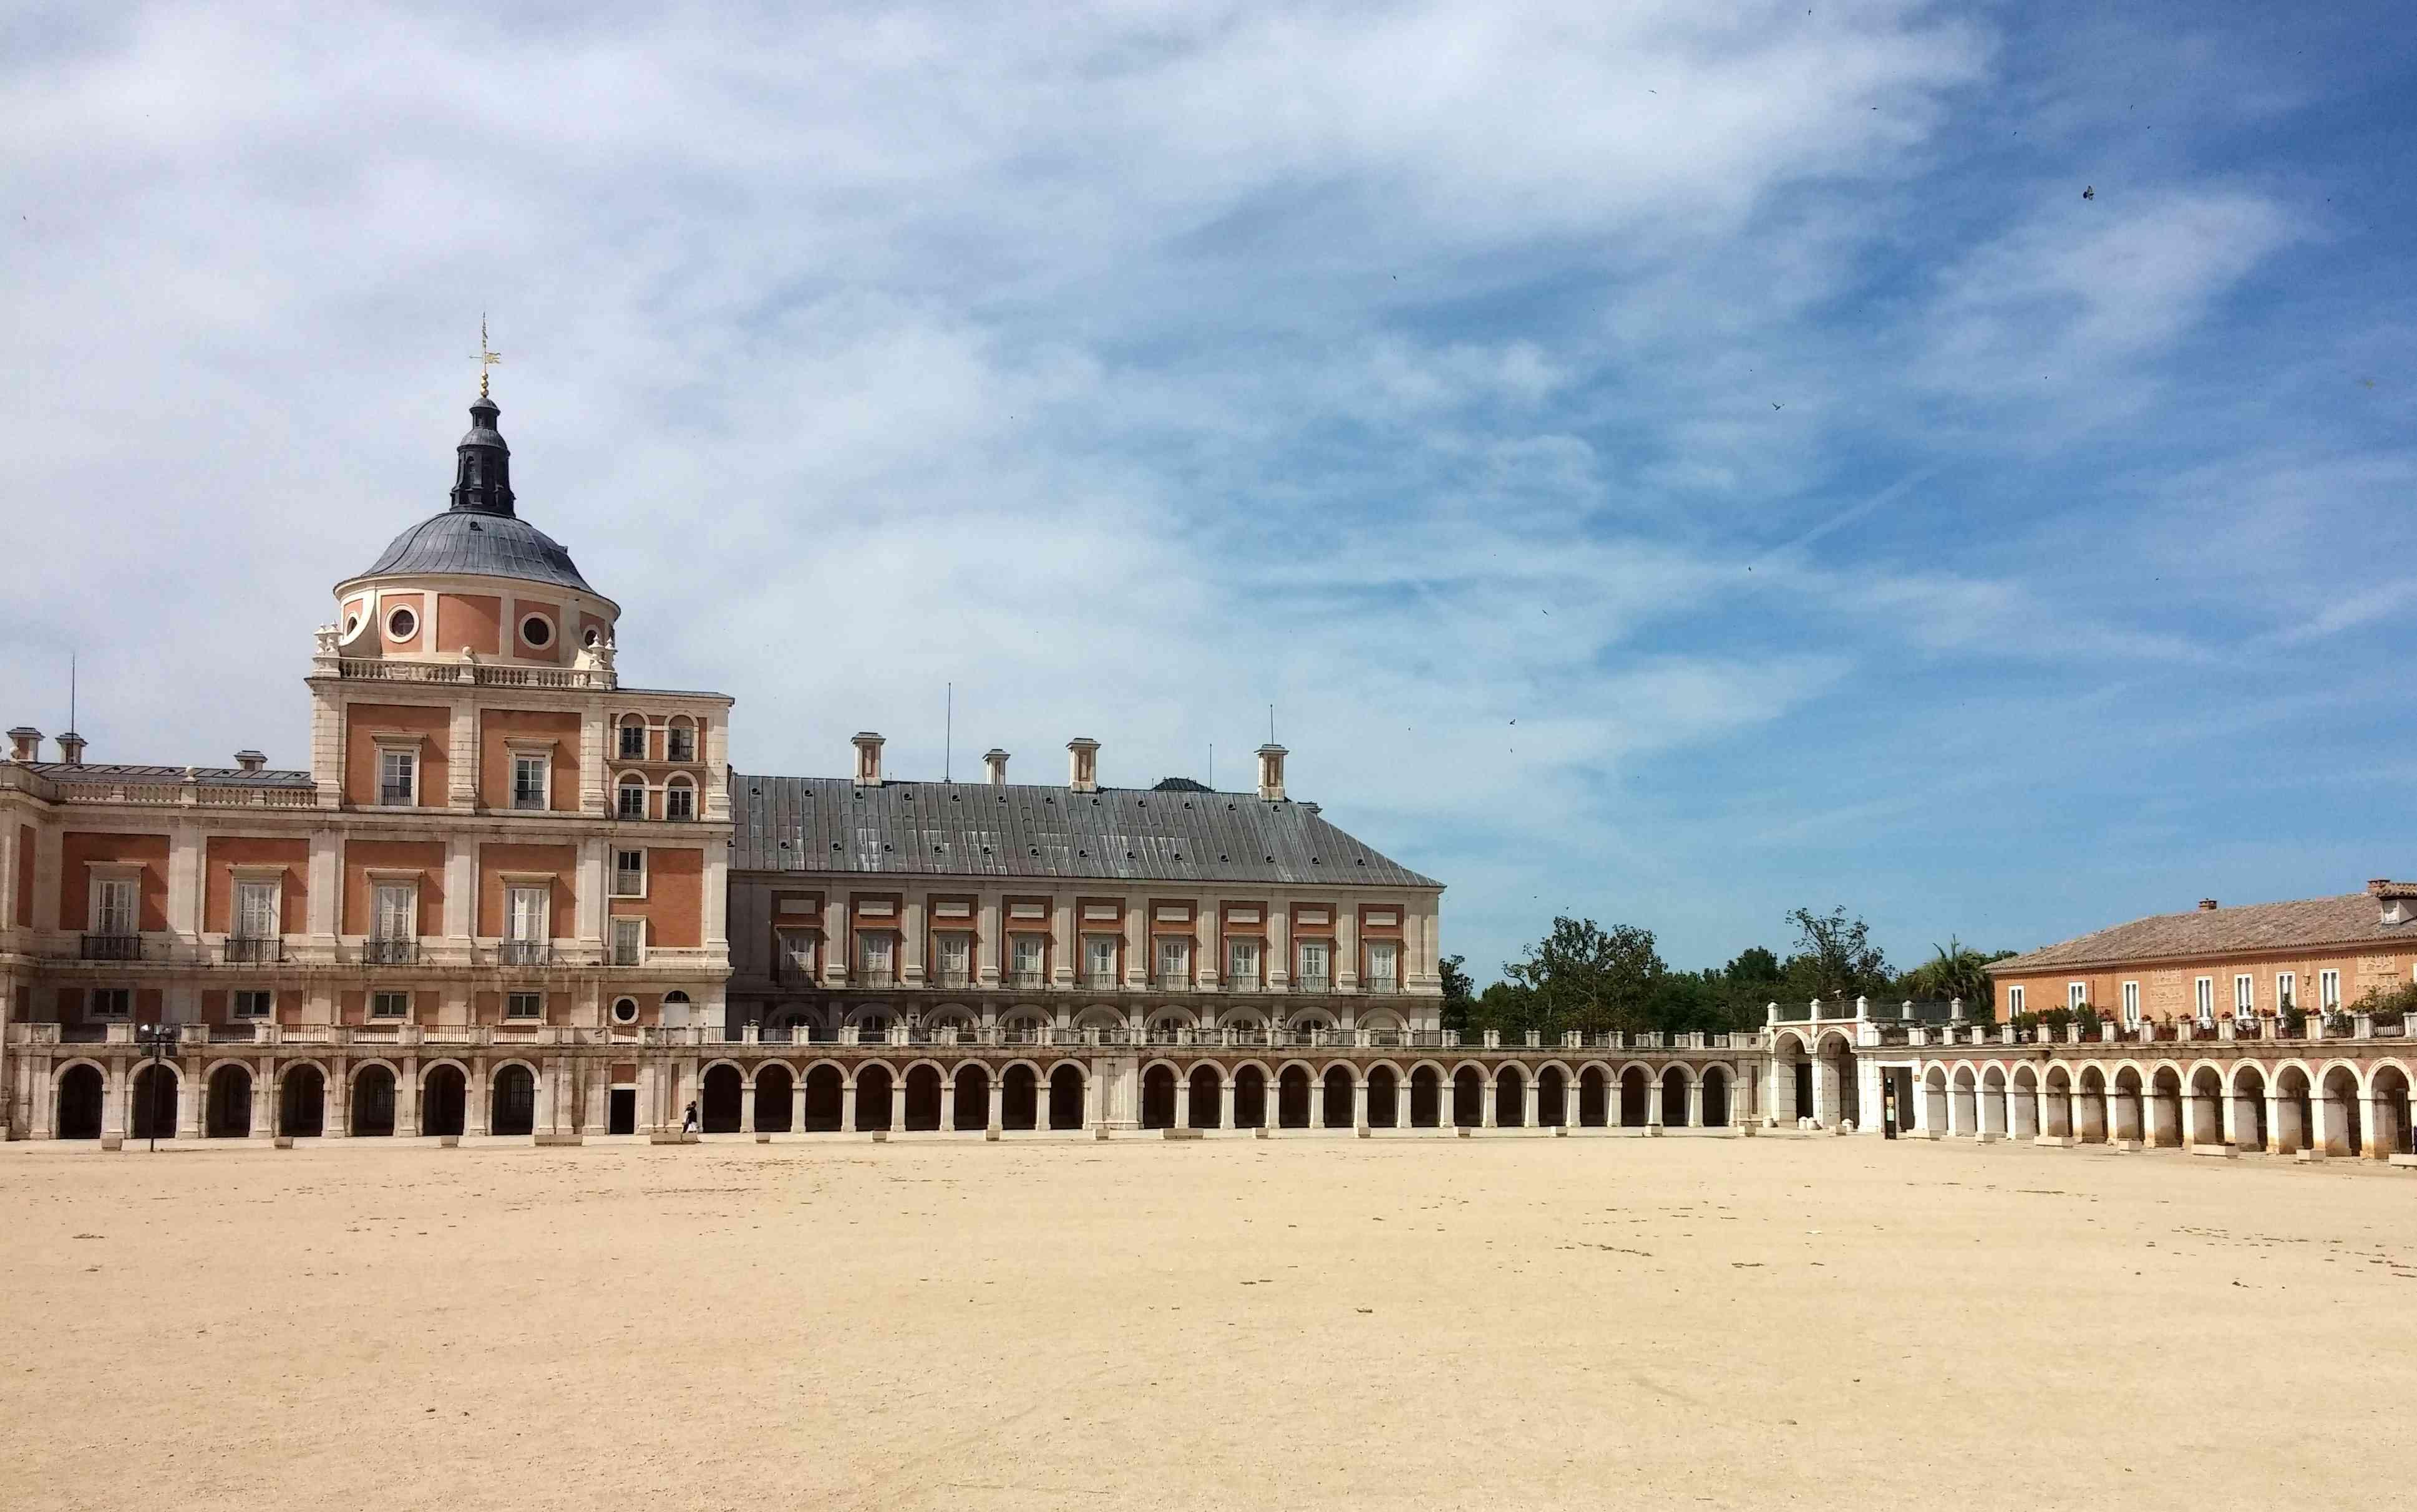 Excursión de un día a Aranjuez desde Madrid